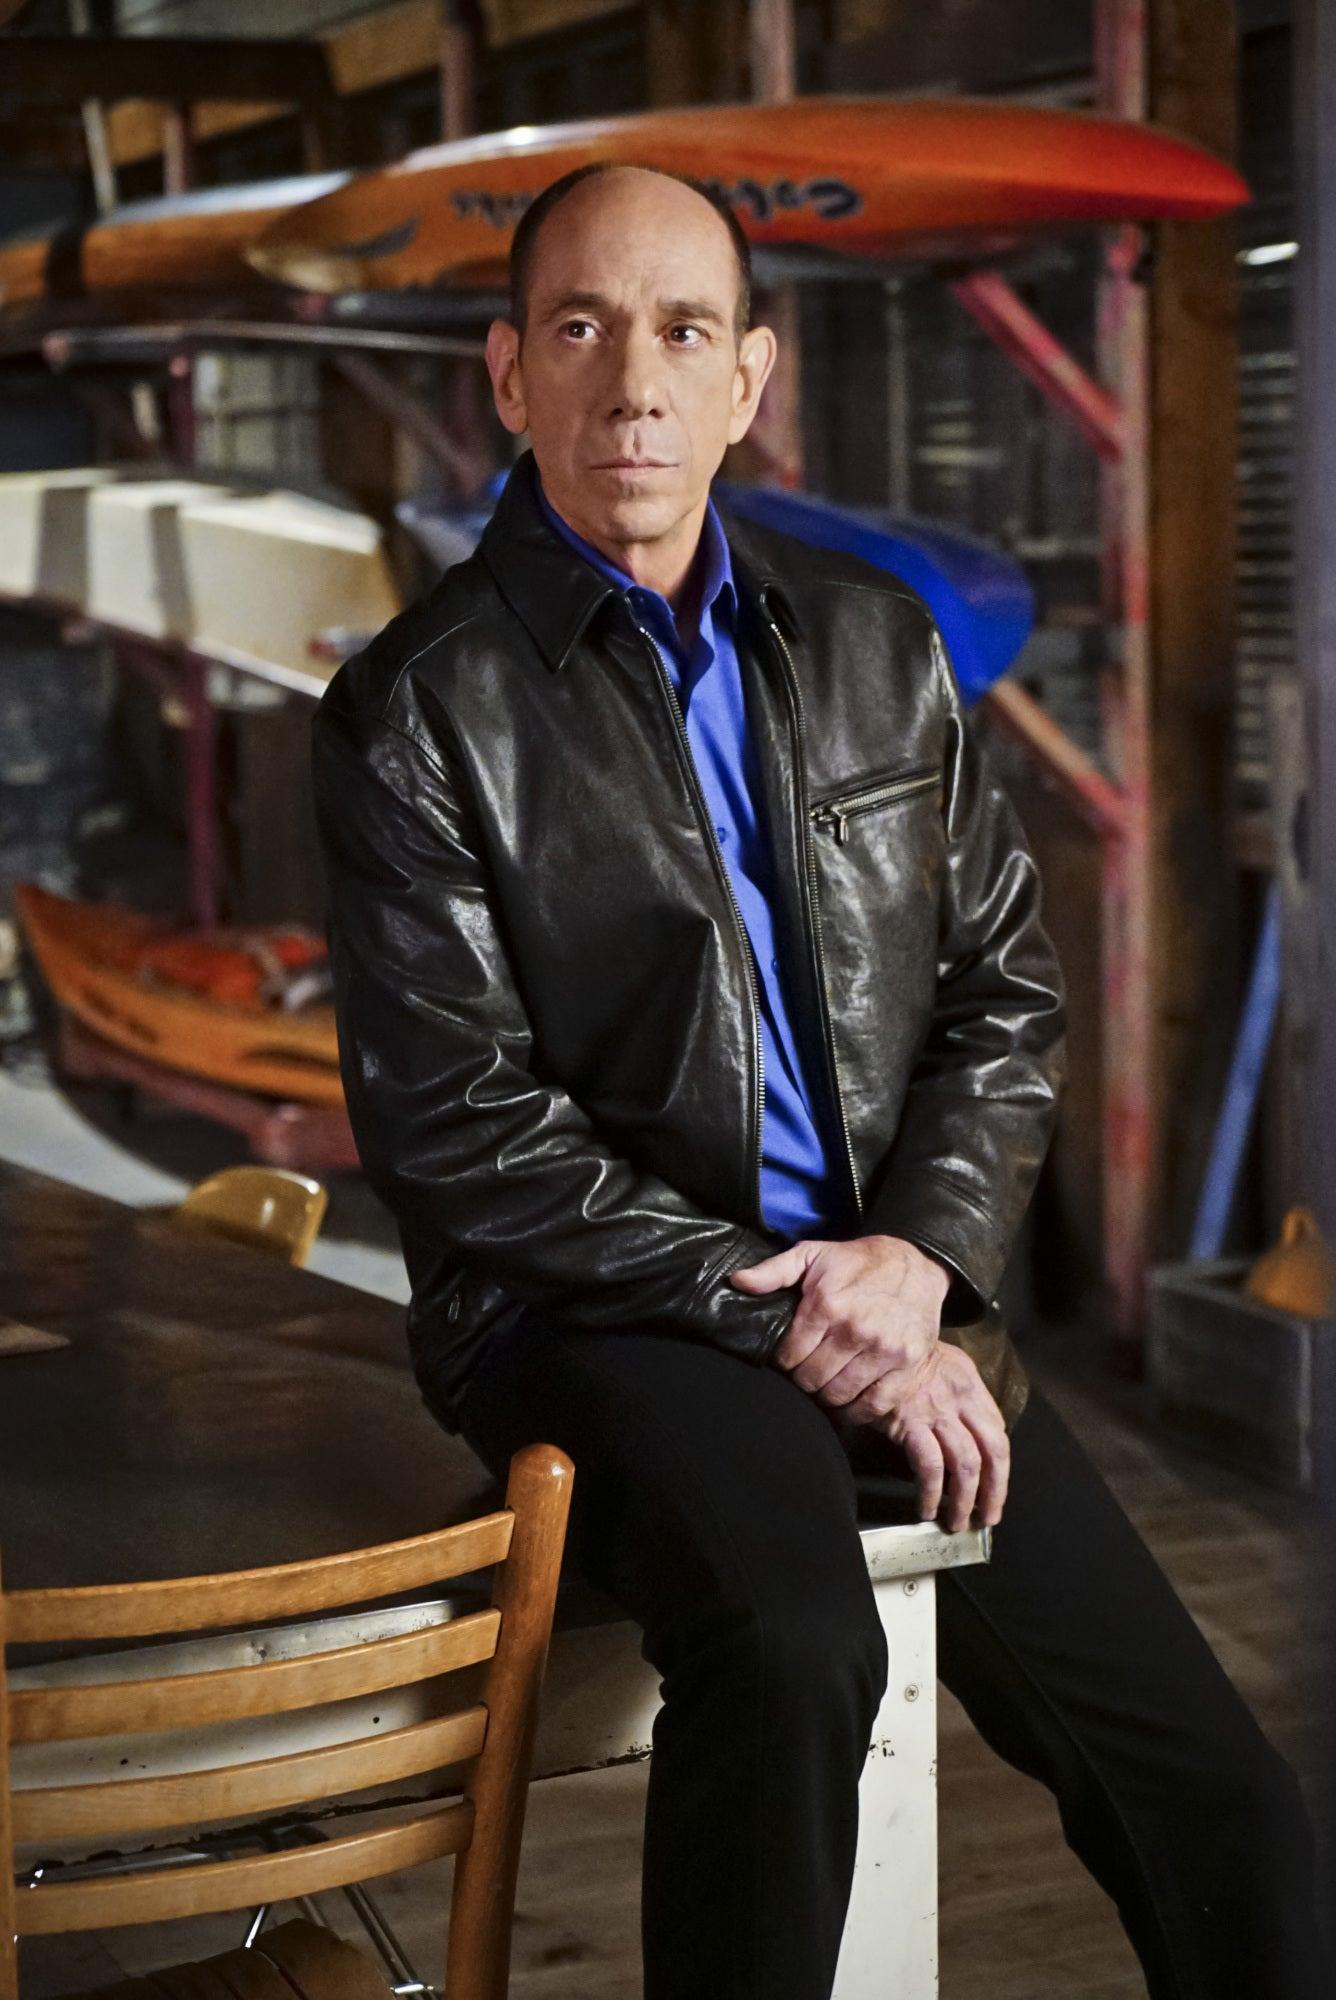 Actor Miguel Ferrer in the hit Tv series NCIS LA